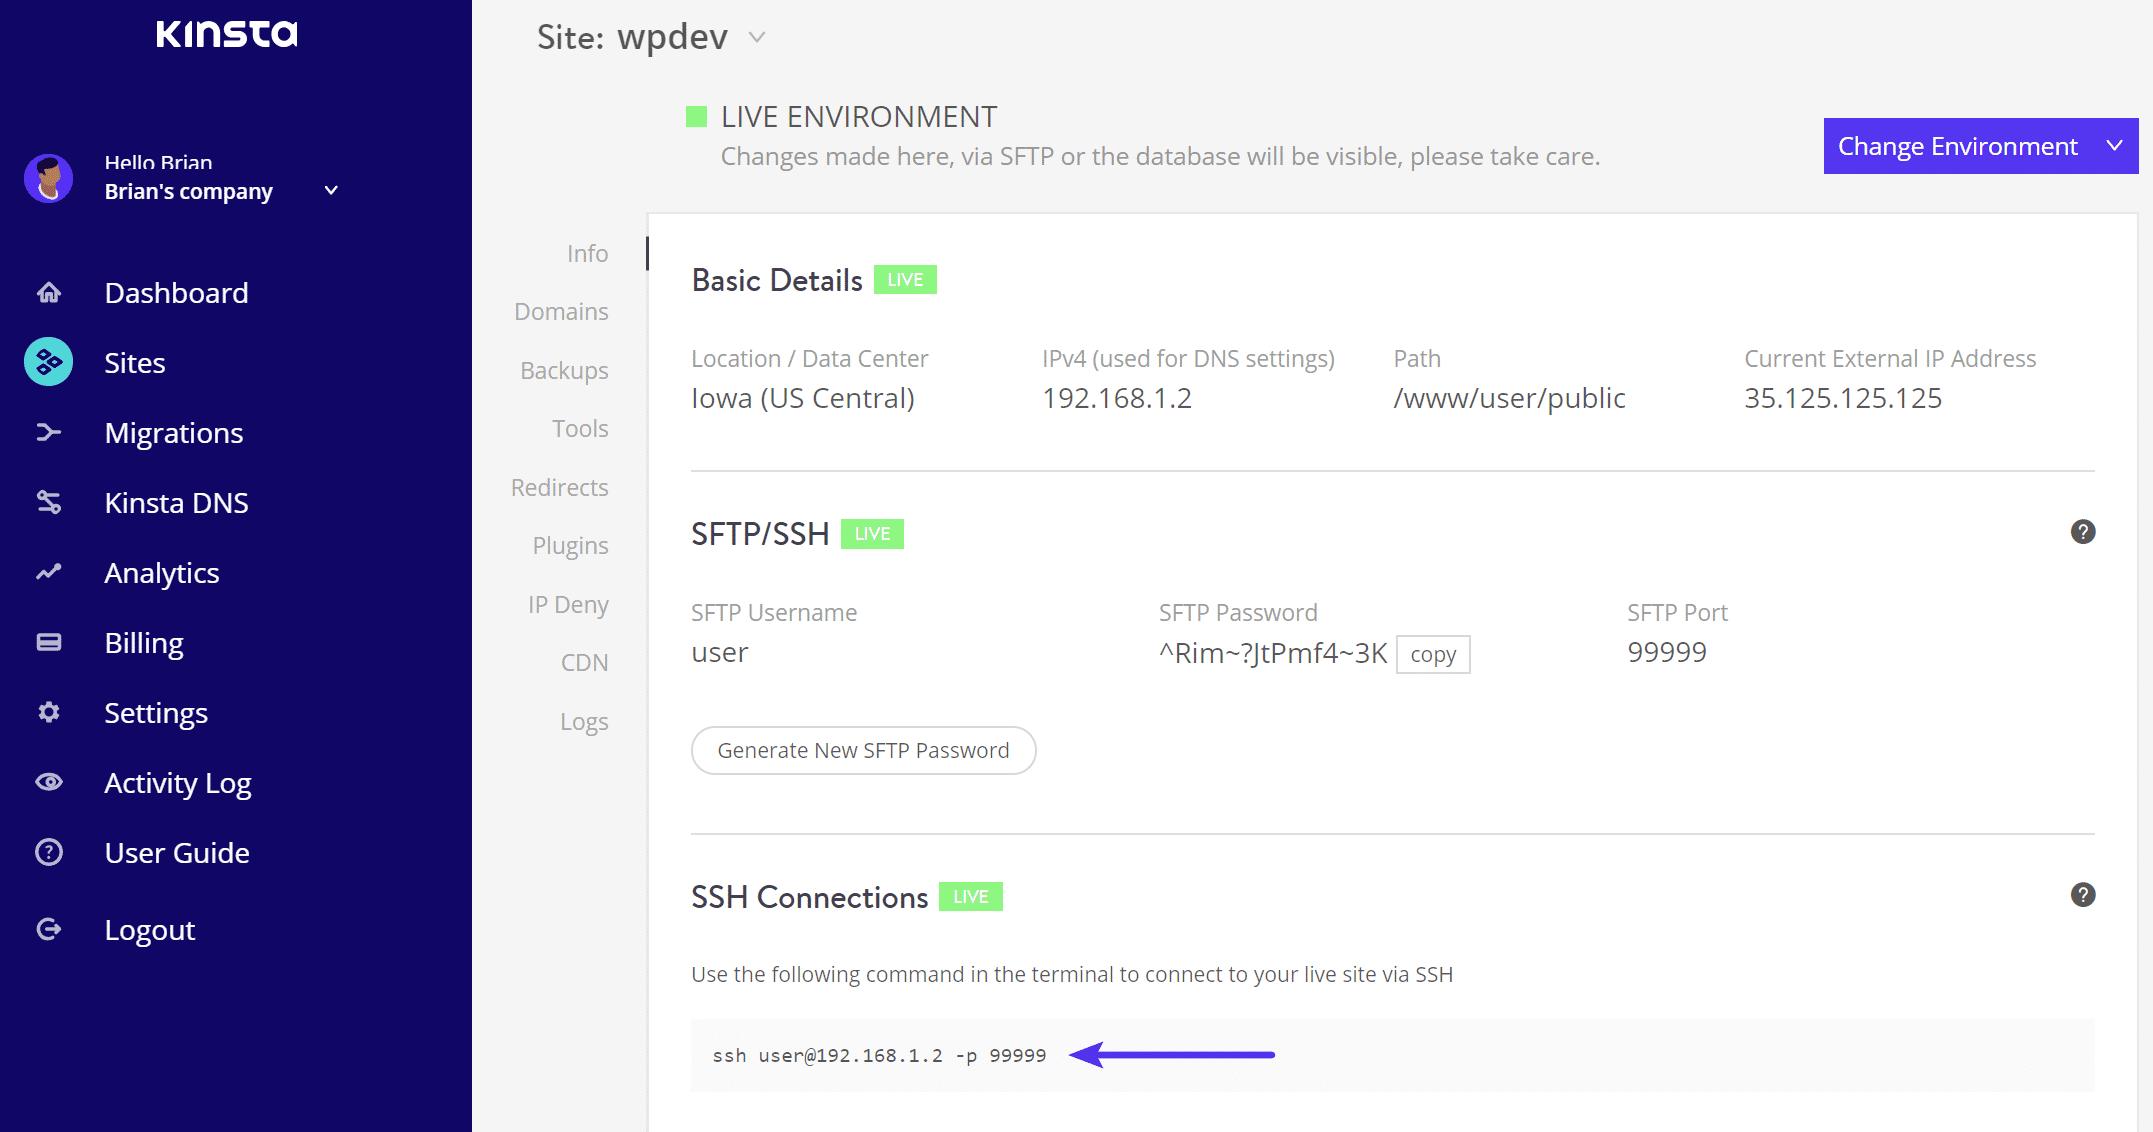 Conectar ao SSH - Informações de login do MyKinsta